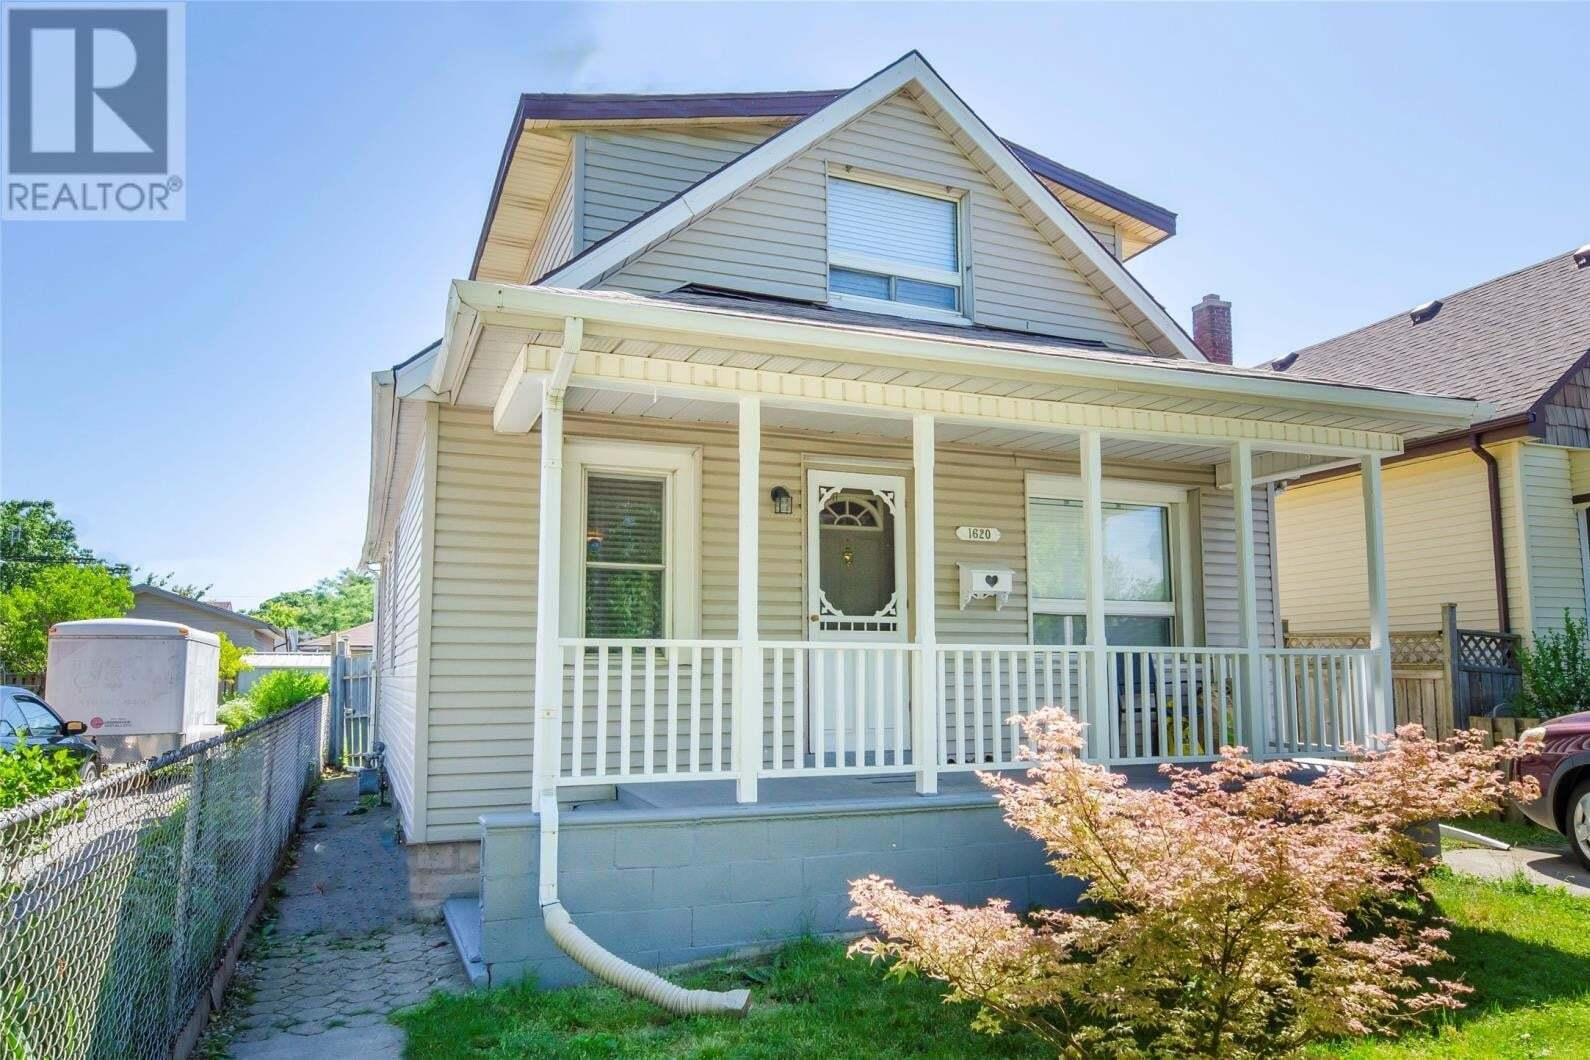 House for sale at 1620 St. Luke  Windsor Ontario - MLS: 20009270